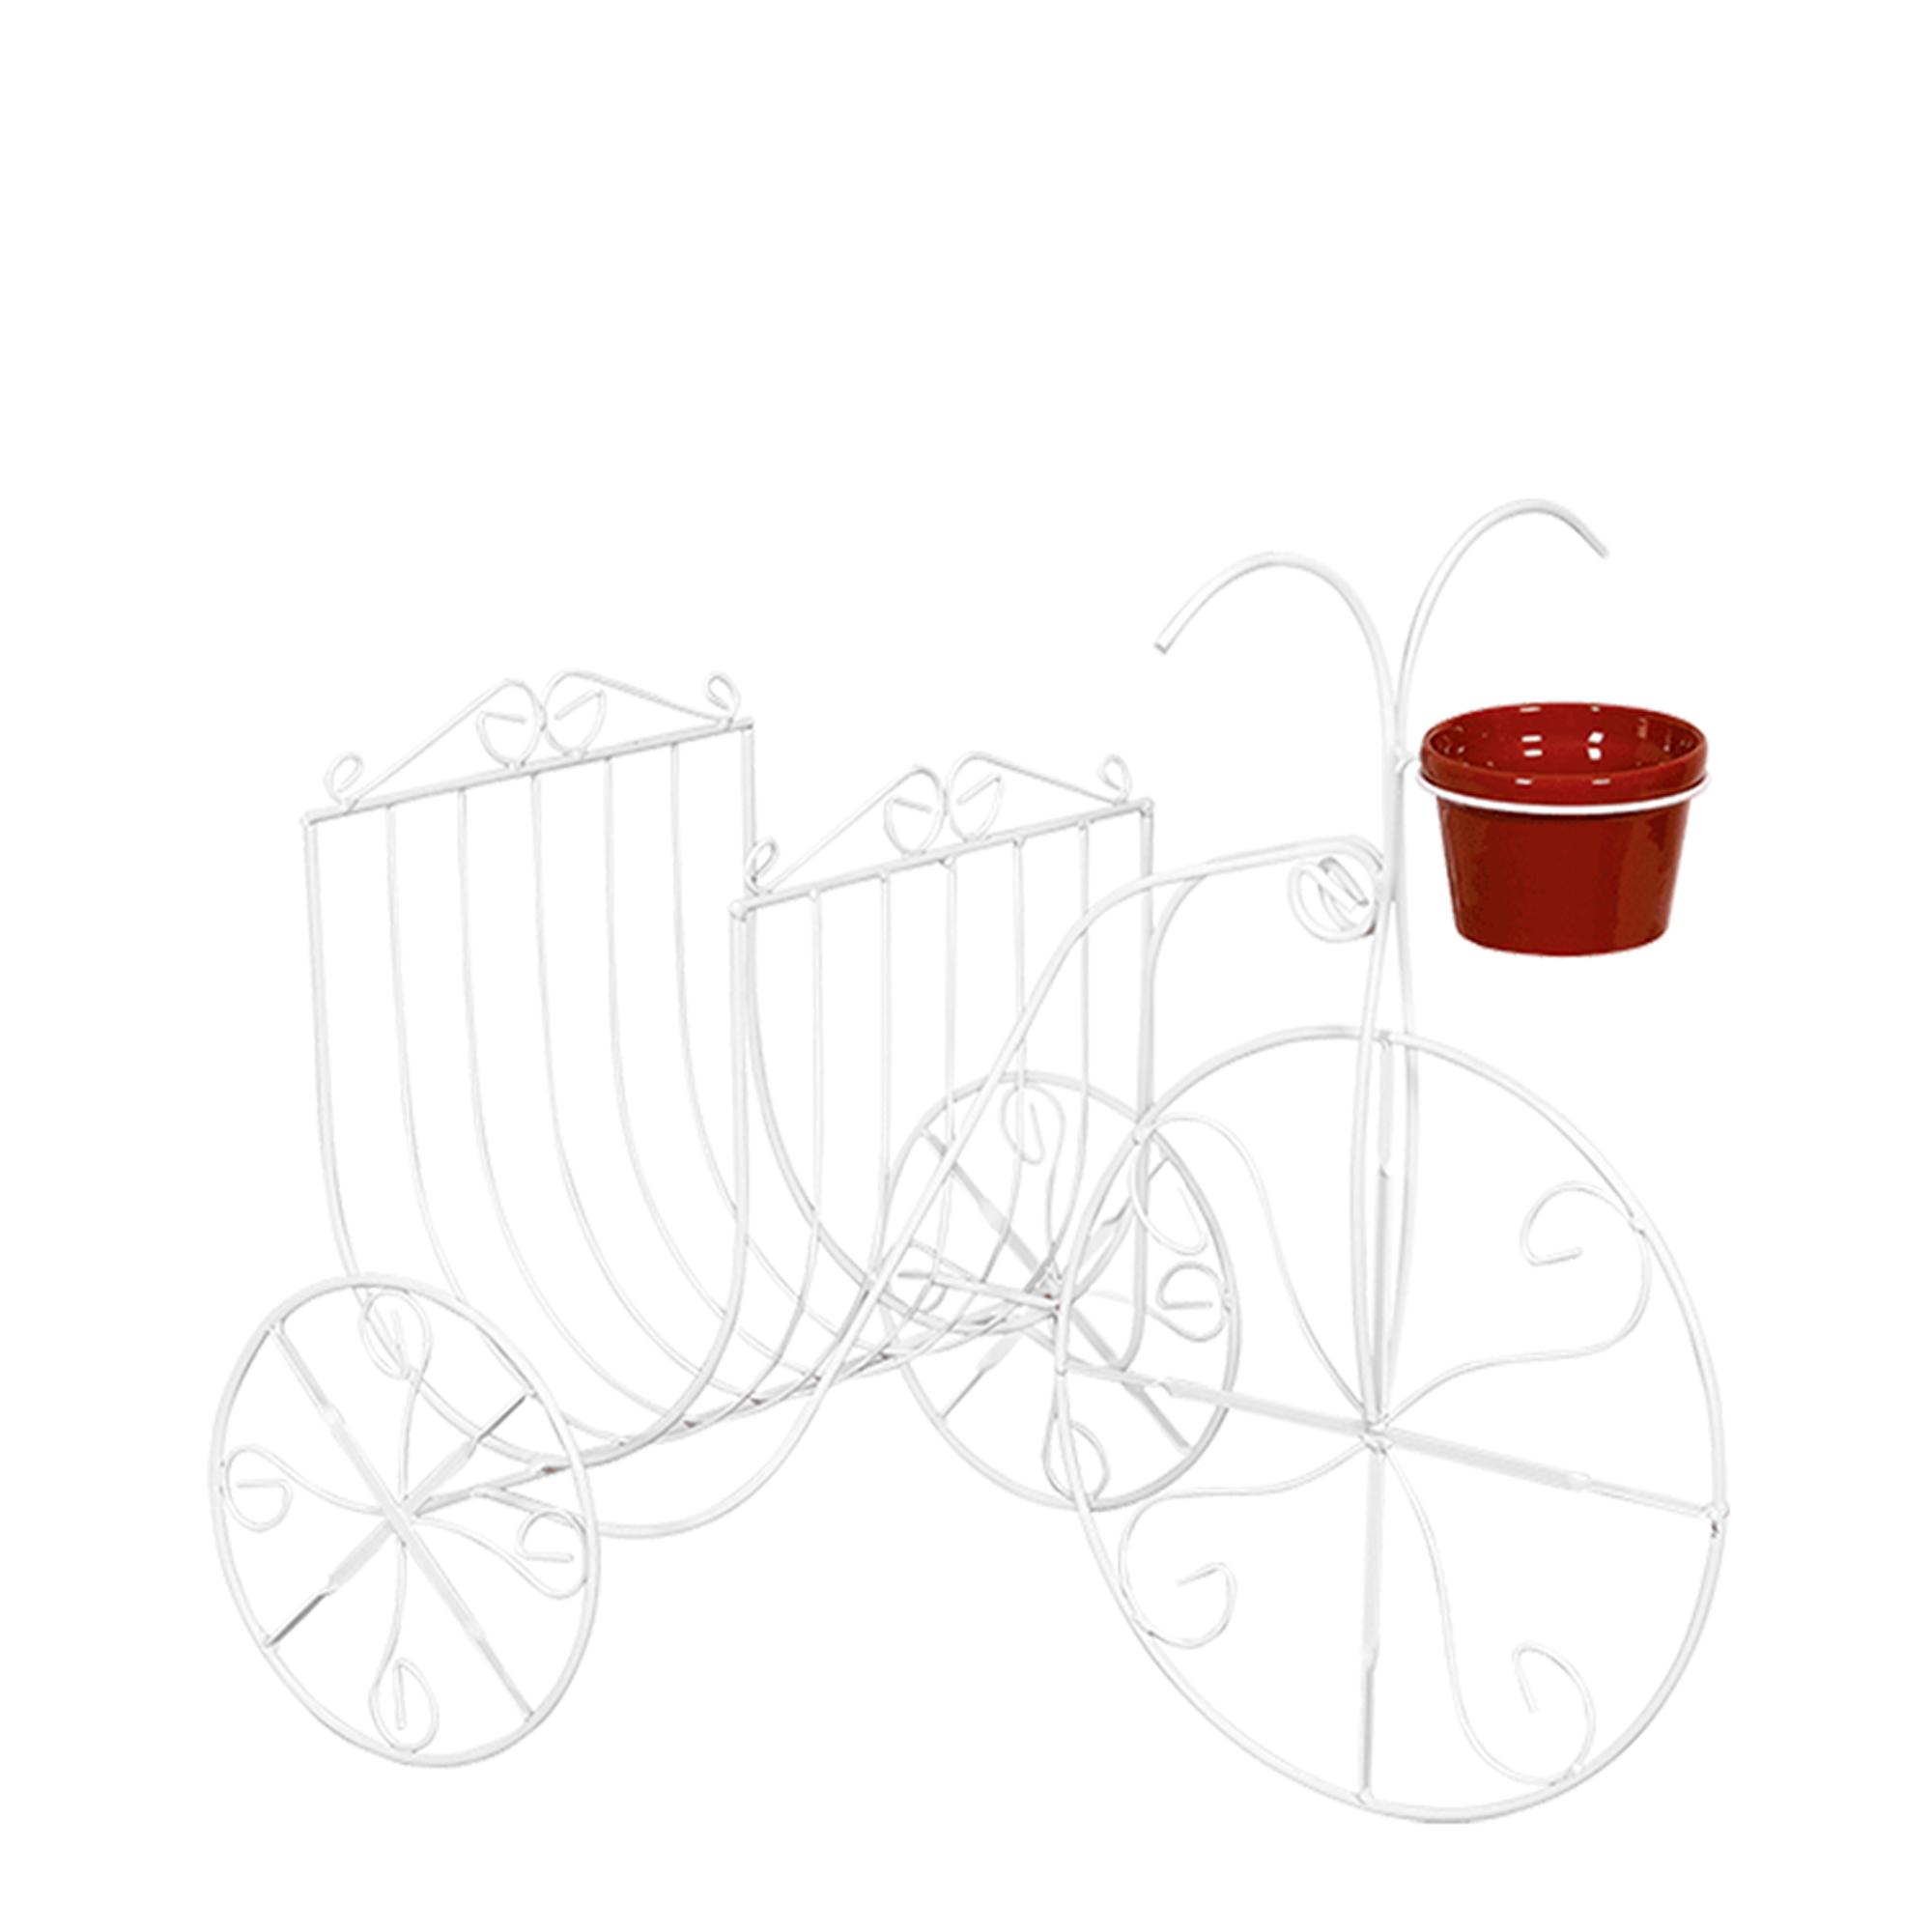 Bicicleta c/ Revisteiro c/ 1 Vaso 11